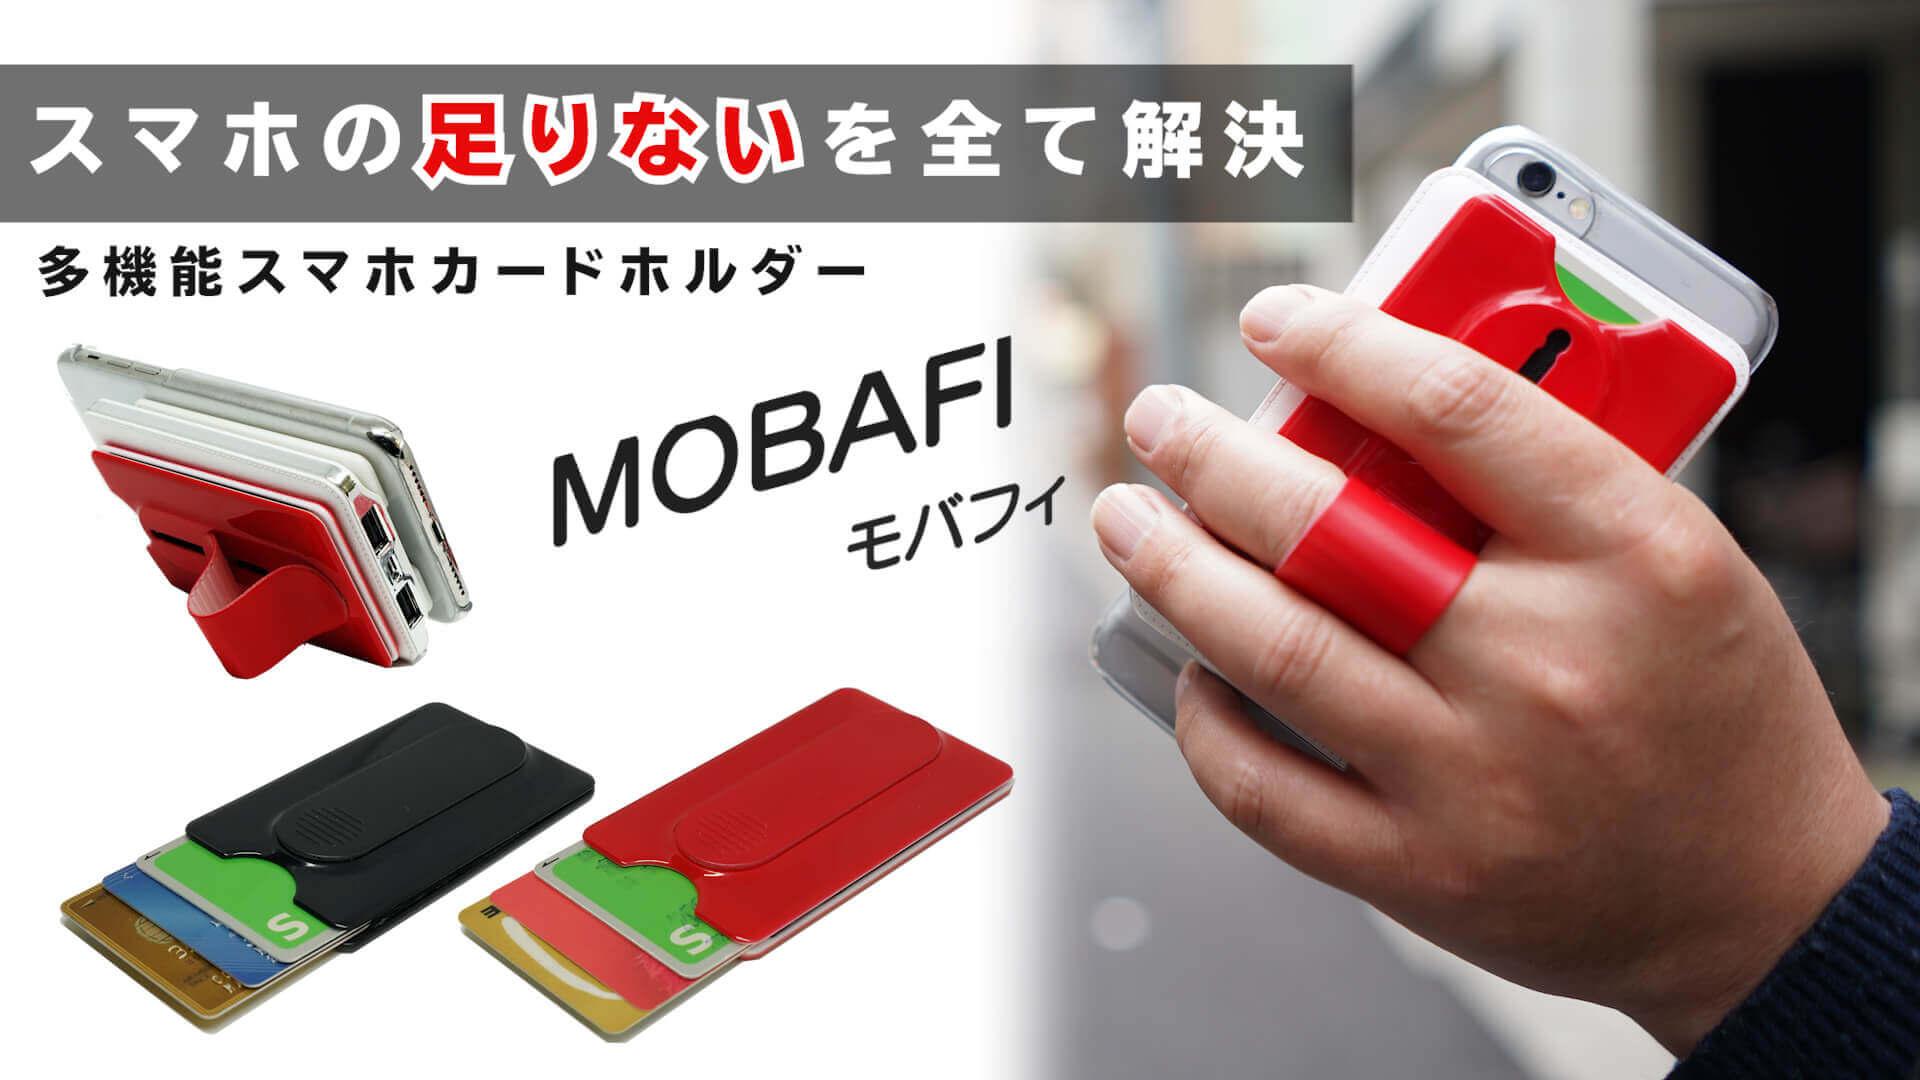 多機能カードホルダー「MOBAFI -モバフィ-」